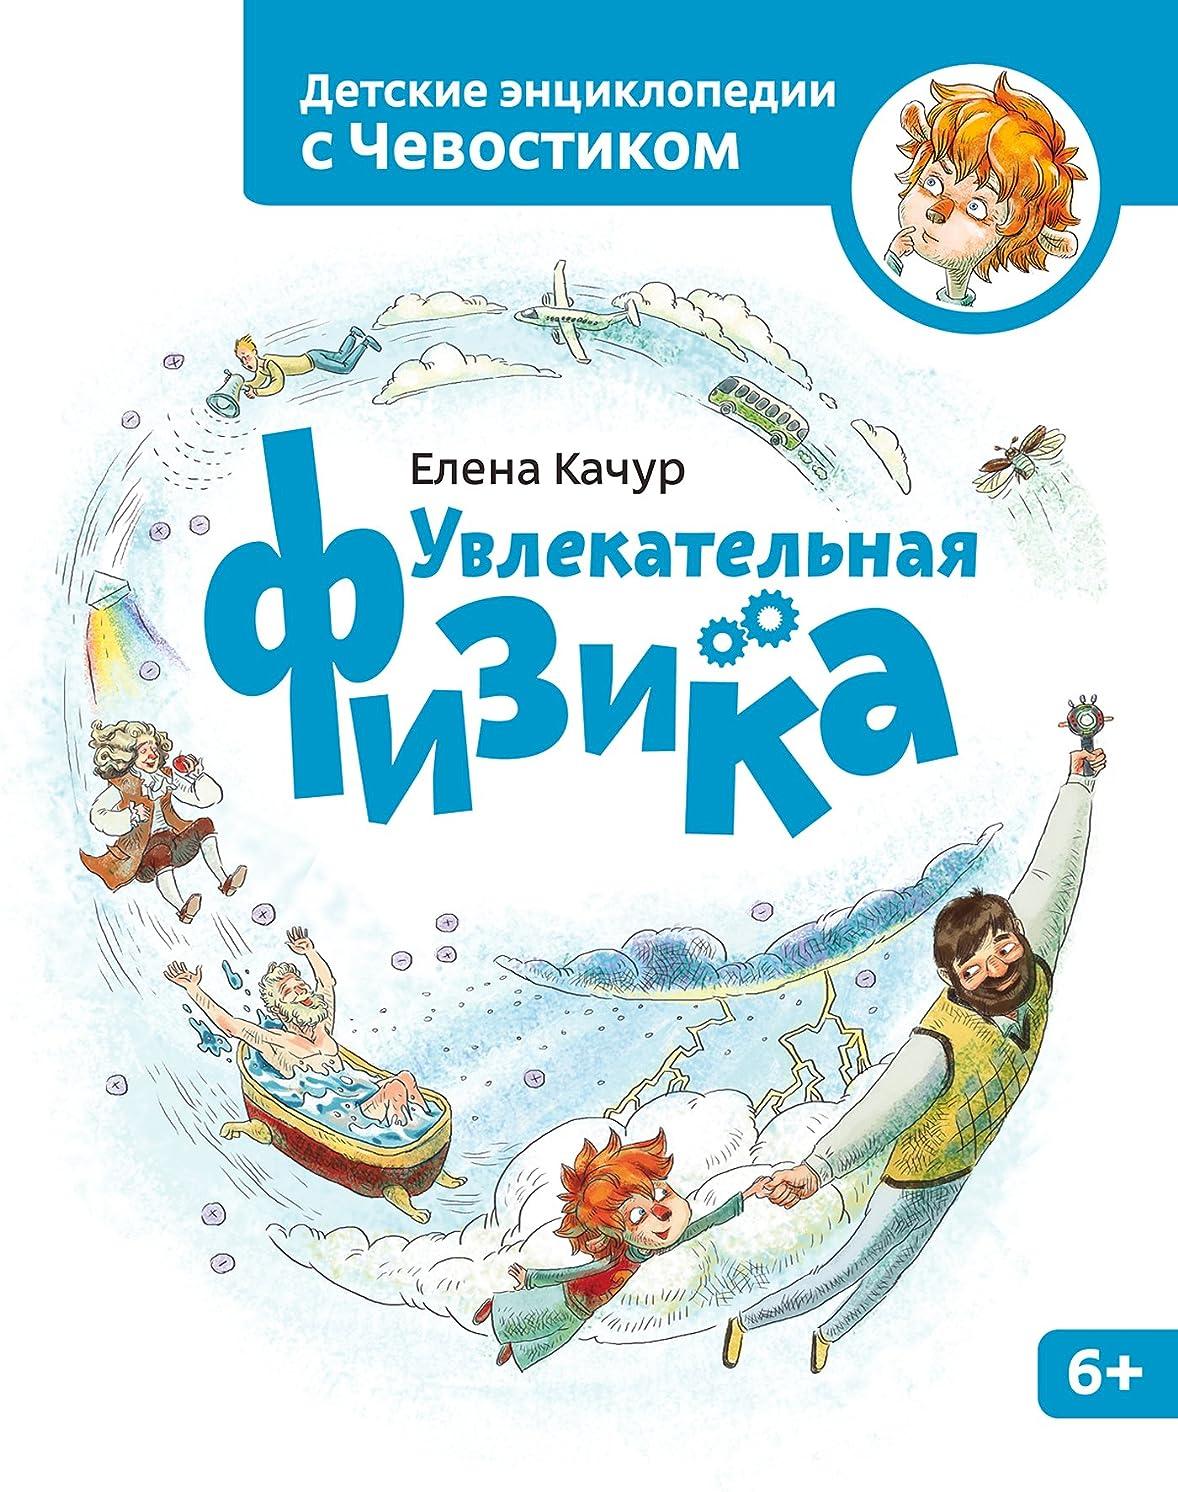 やむを得ないくま弾力性のあるУвлекательная физика: Энциклопедии с Чевостиком (Russian Edition)